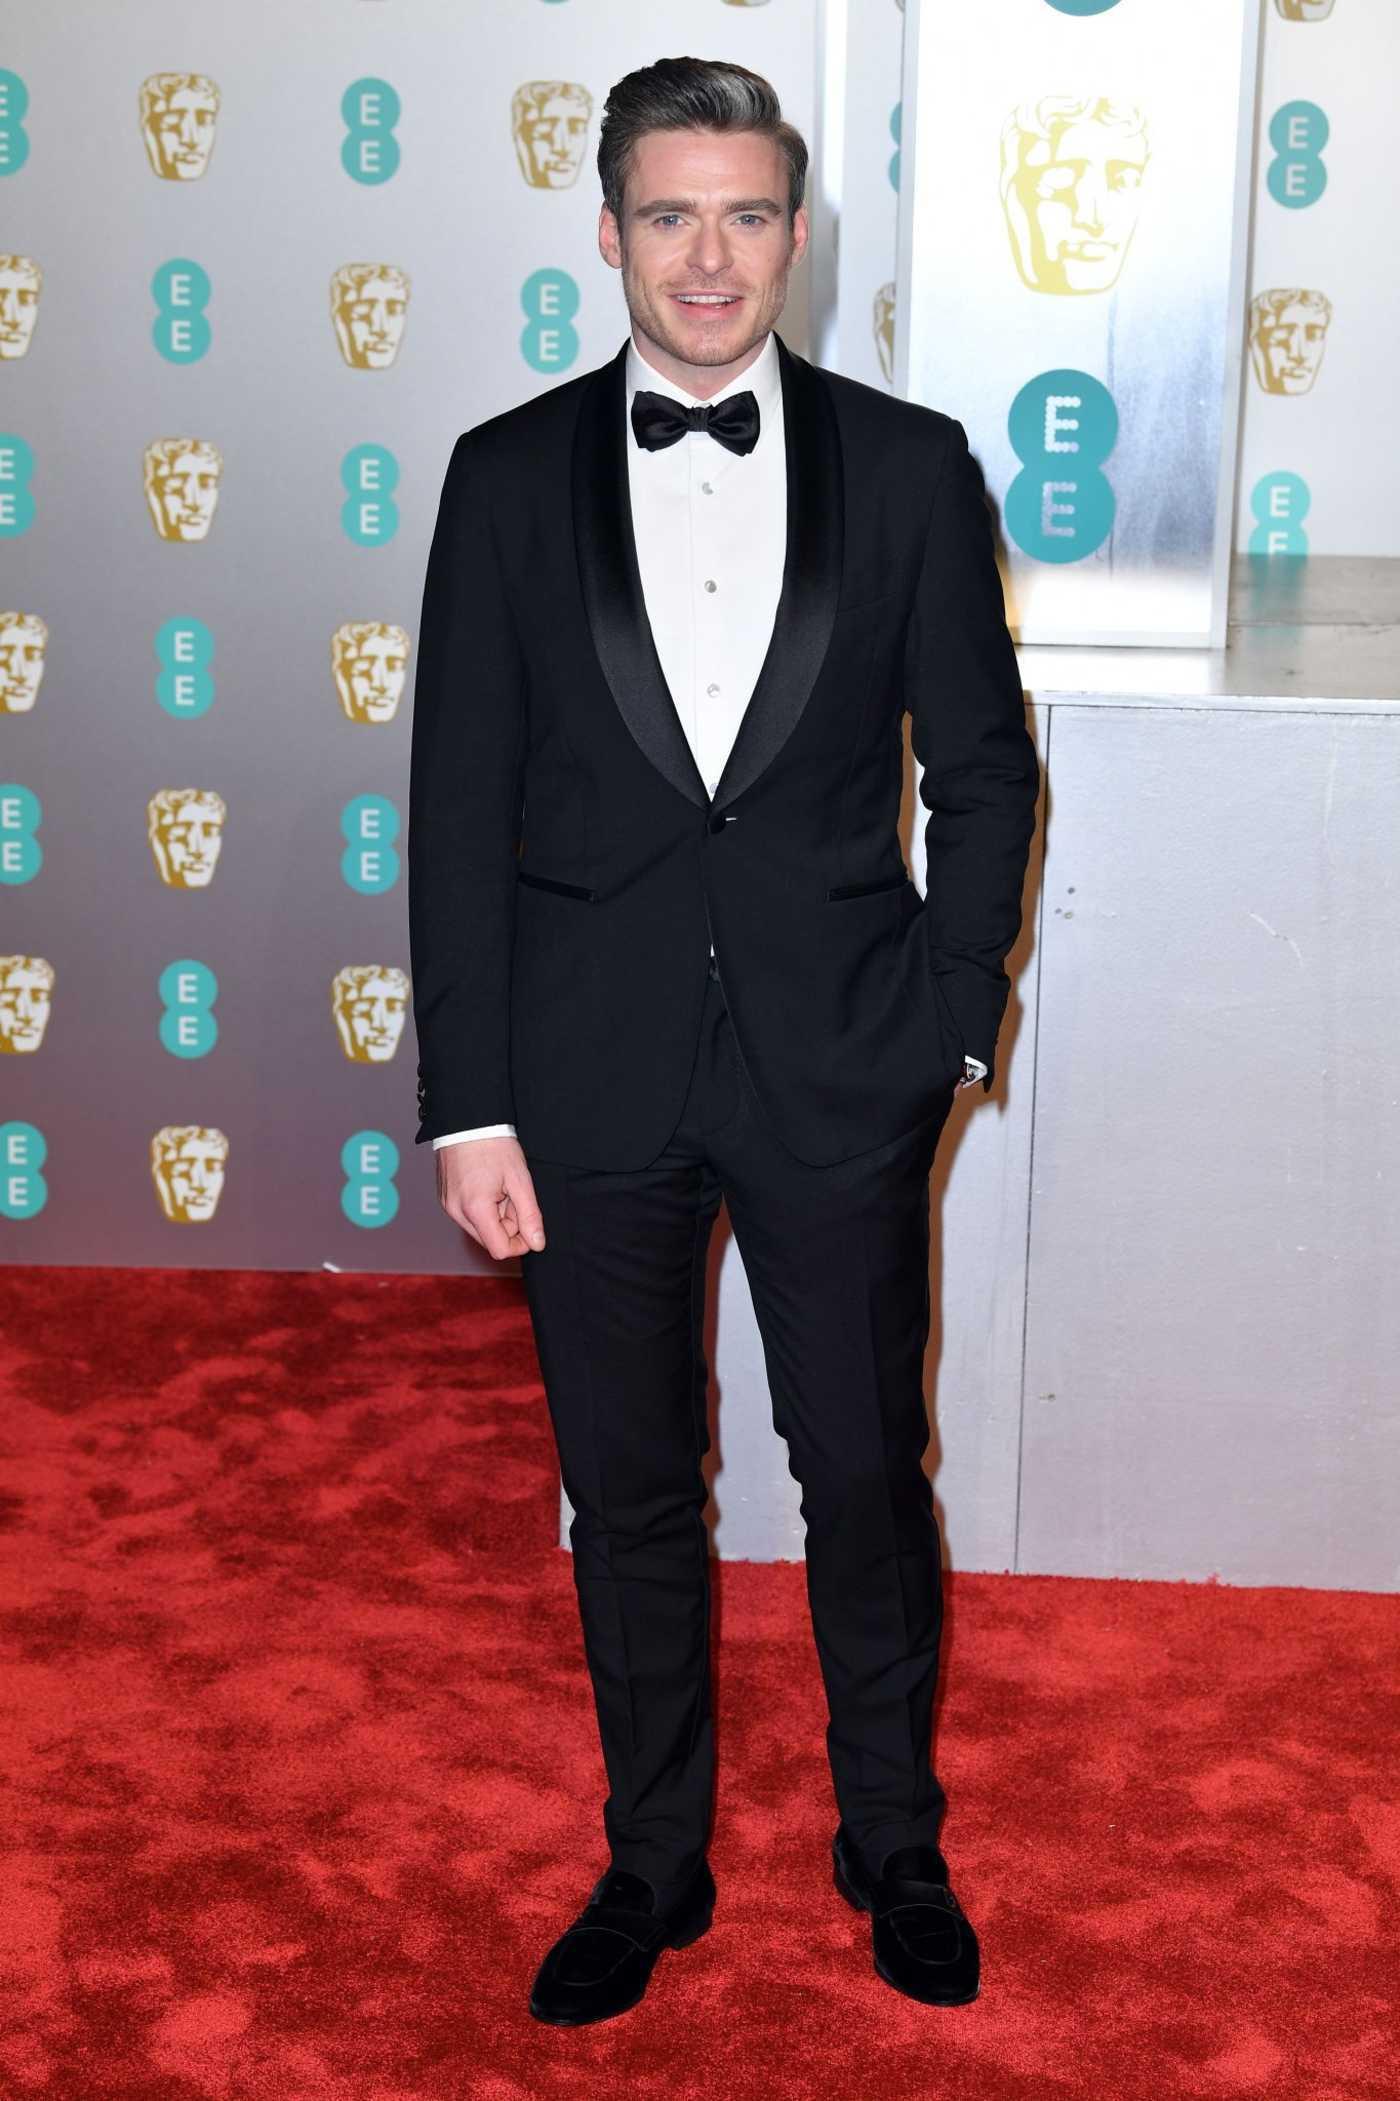 Richard Madden Attends 2019 BAFTA Awards in London 02/10/2019